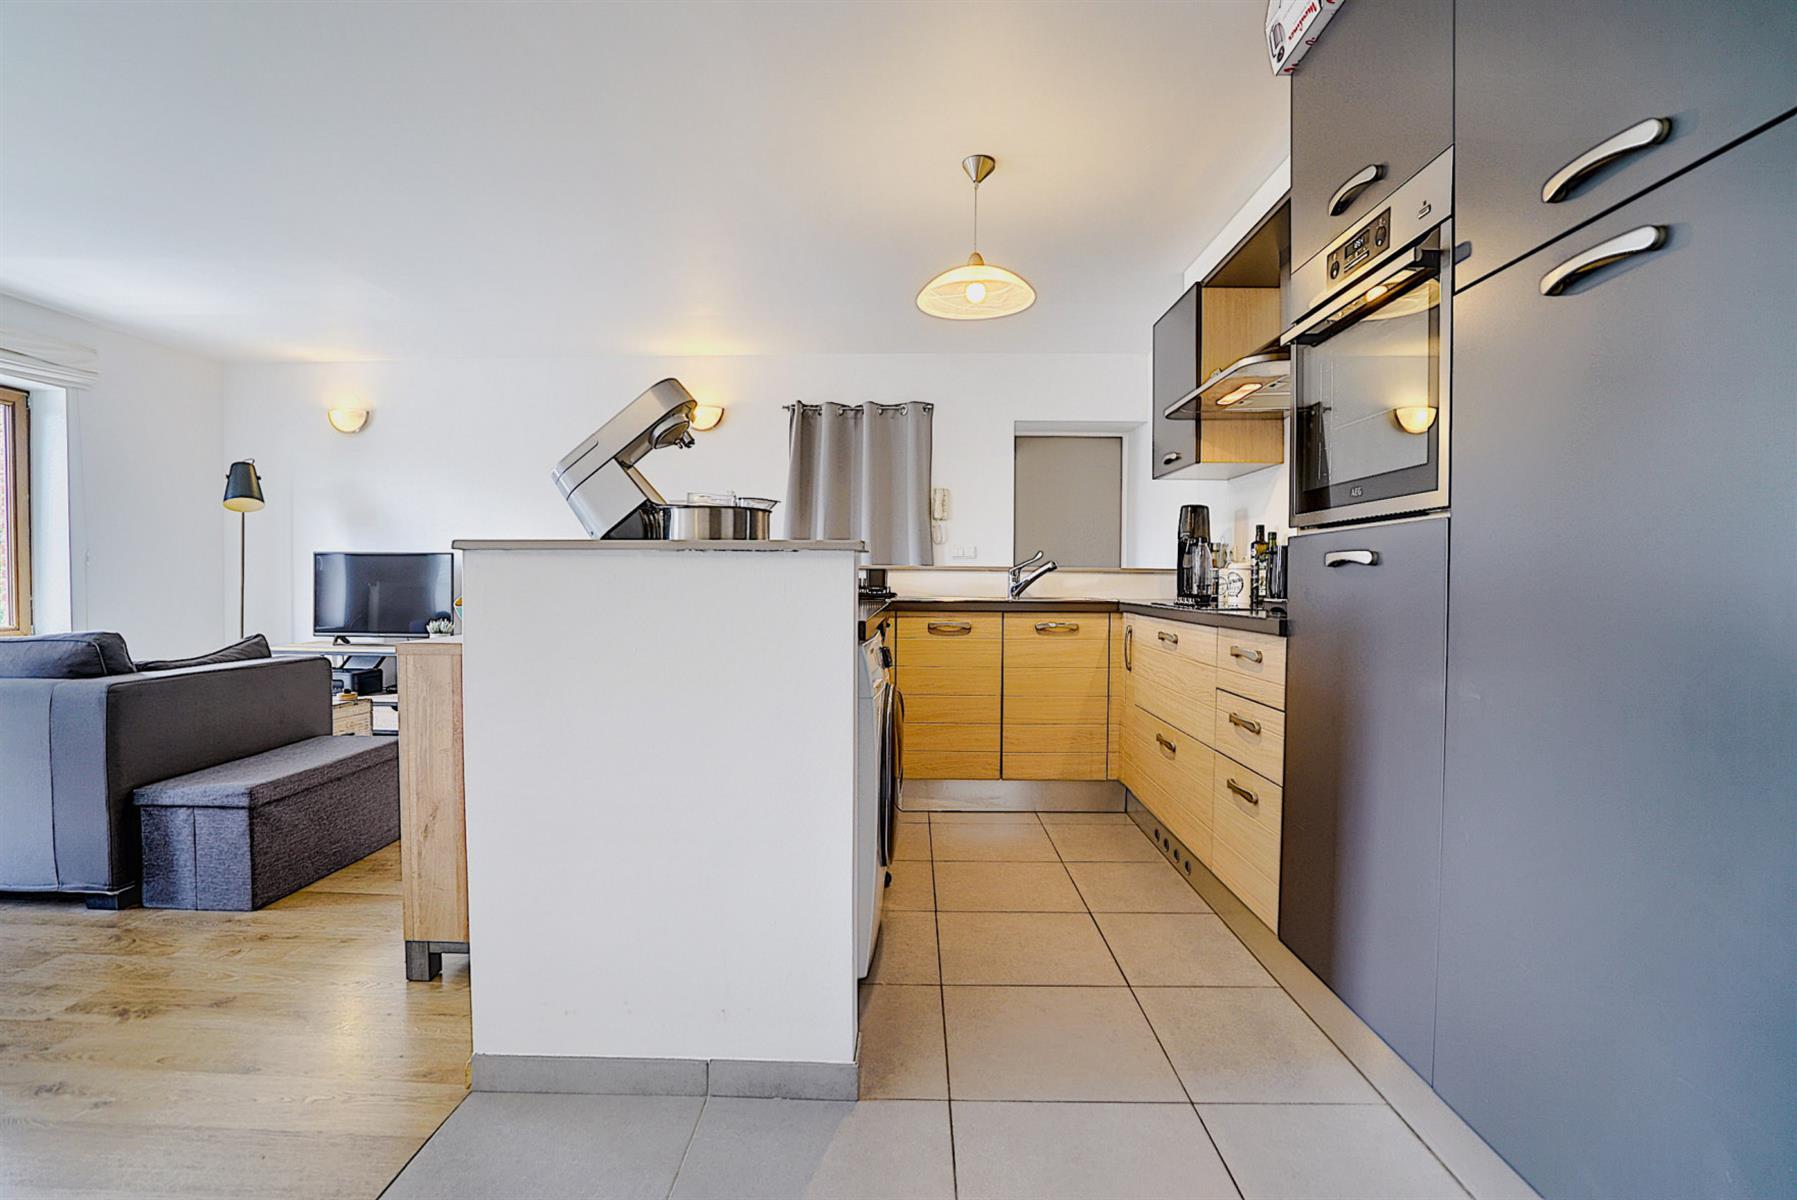 Appartement - Genappe - #4364425-5